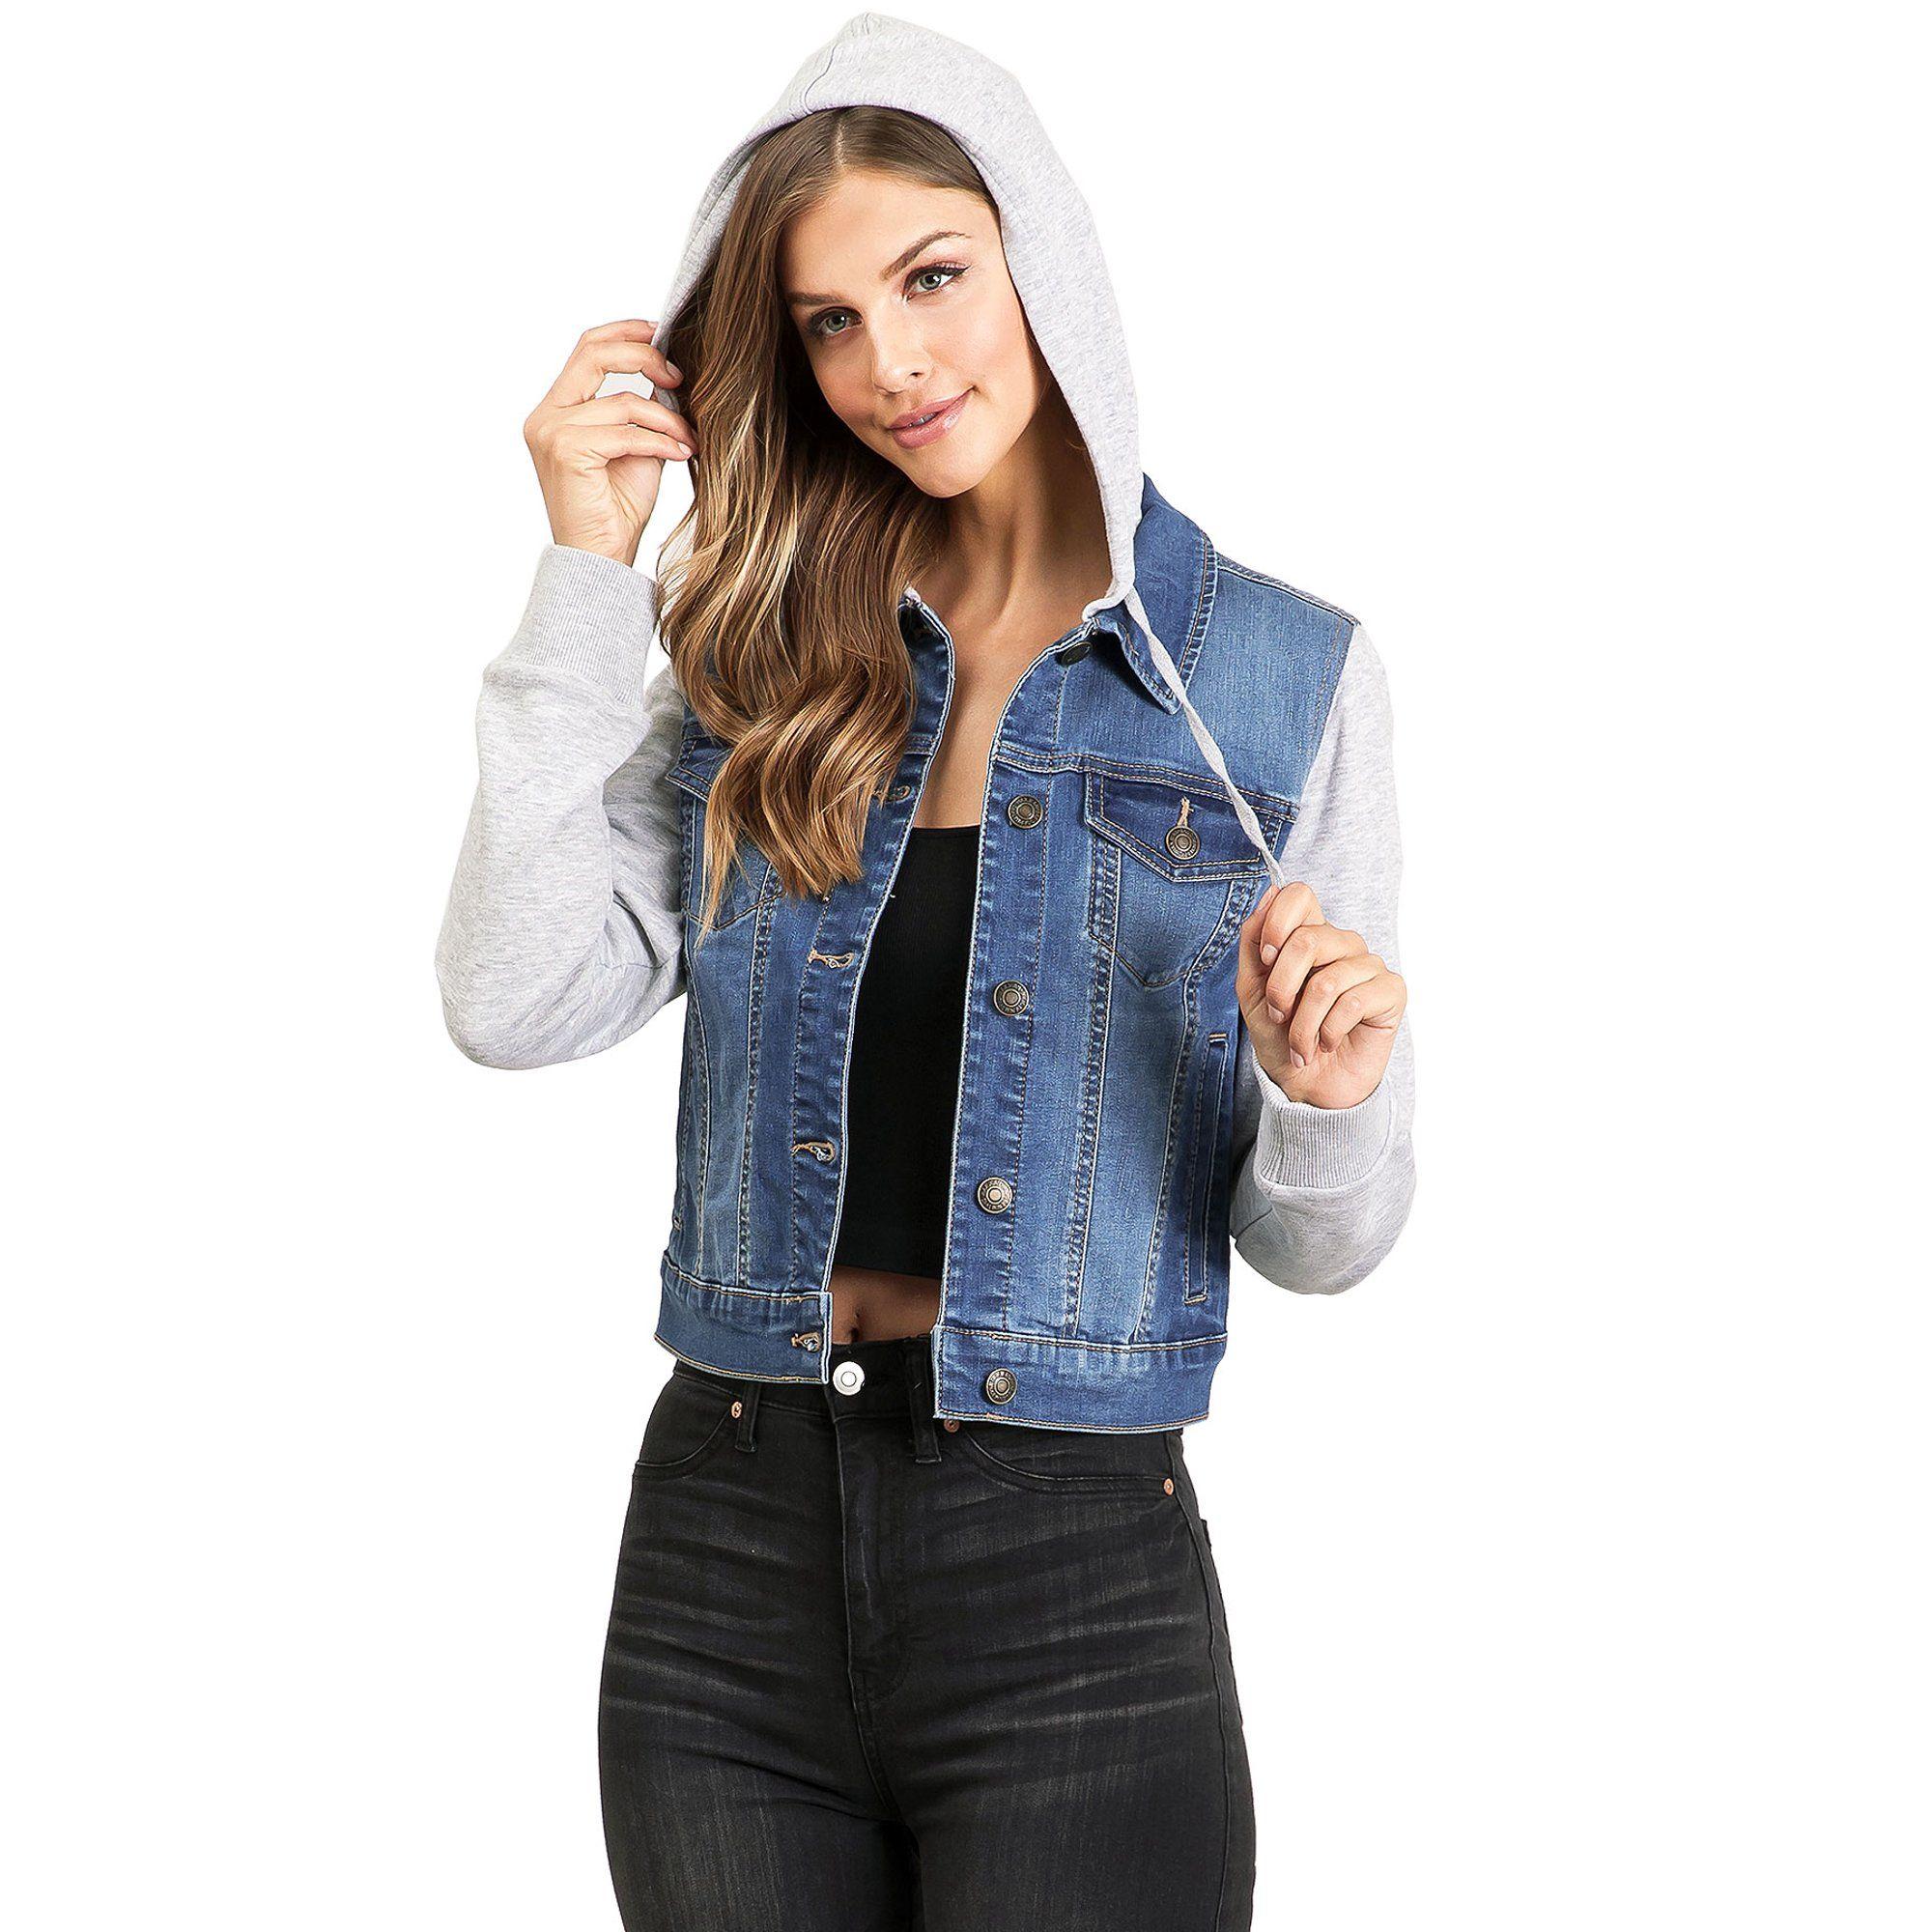 Wax Jean Wax Jean Womens Causal Sweatshirt Hooded Denim Jacket S Medium Denim Walmart Com Jacket Outfit Women Light Denim Jacket Denim Jacket Women [ 2000 x 2000 Pixel ]